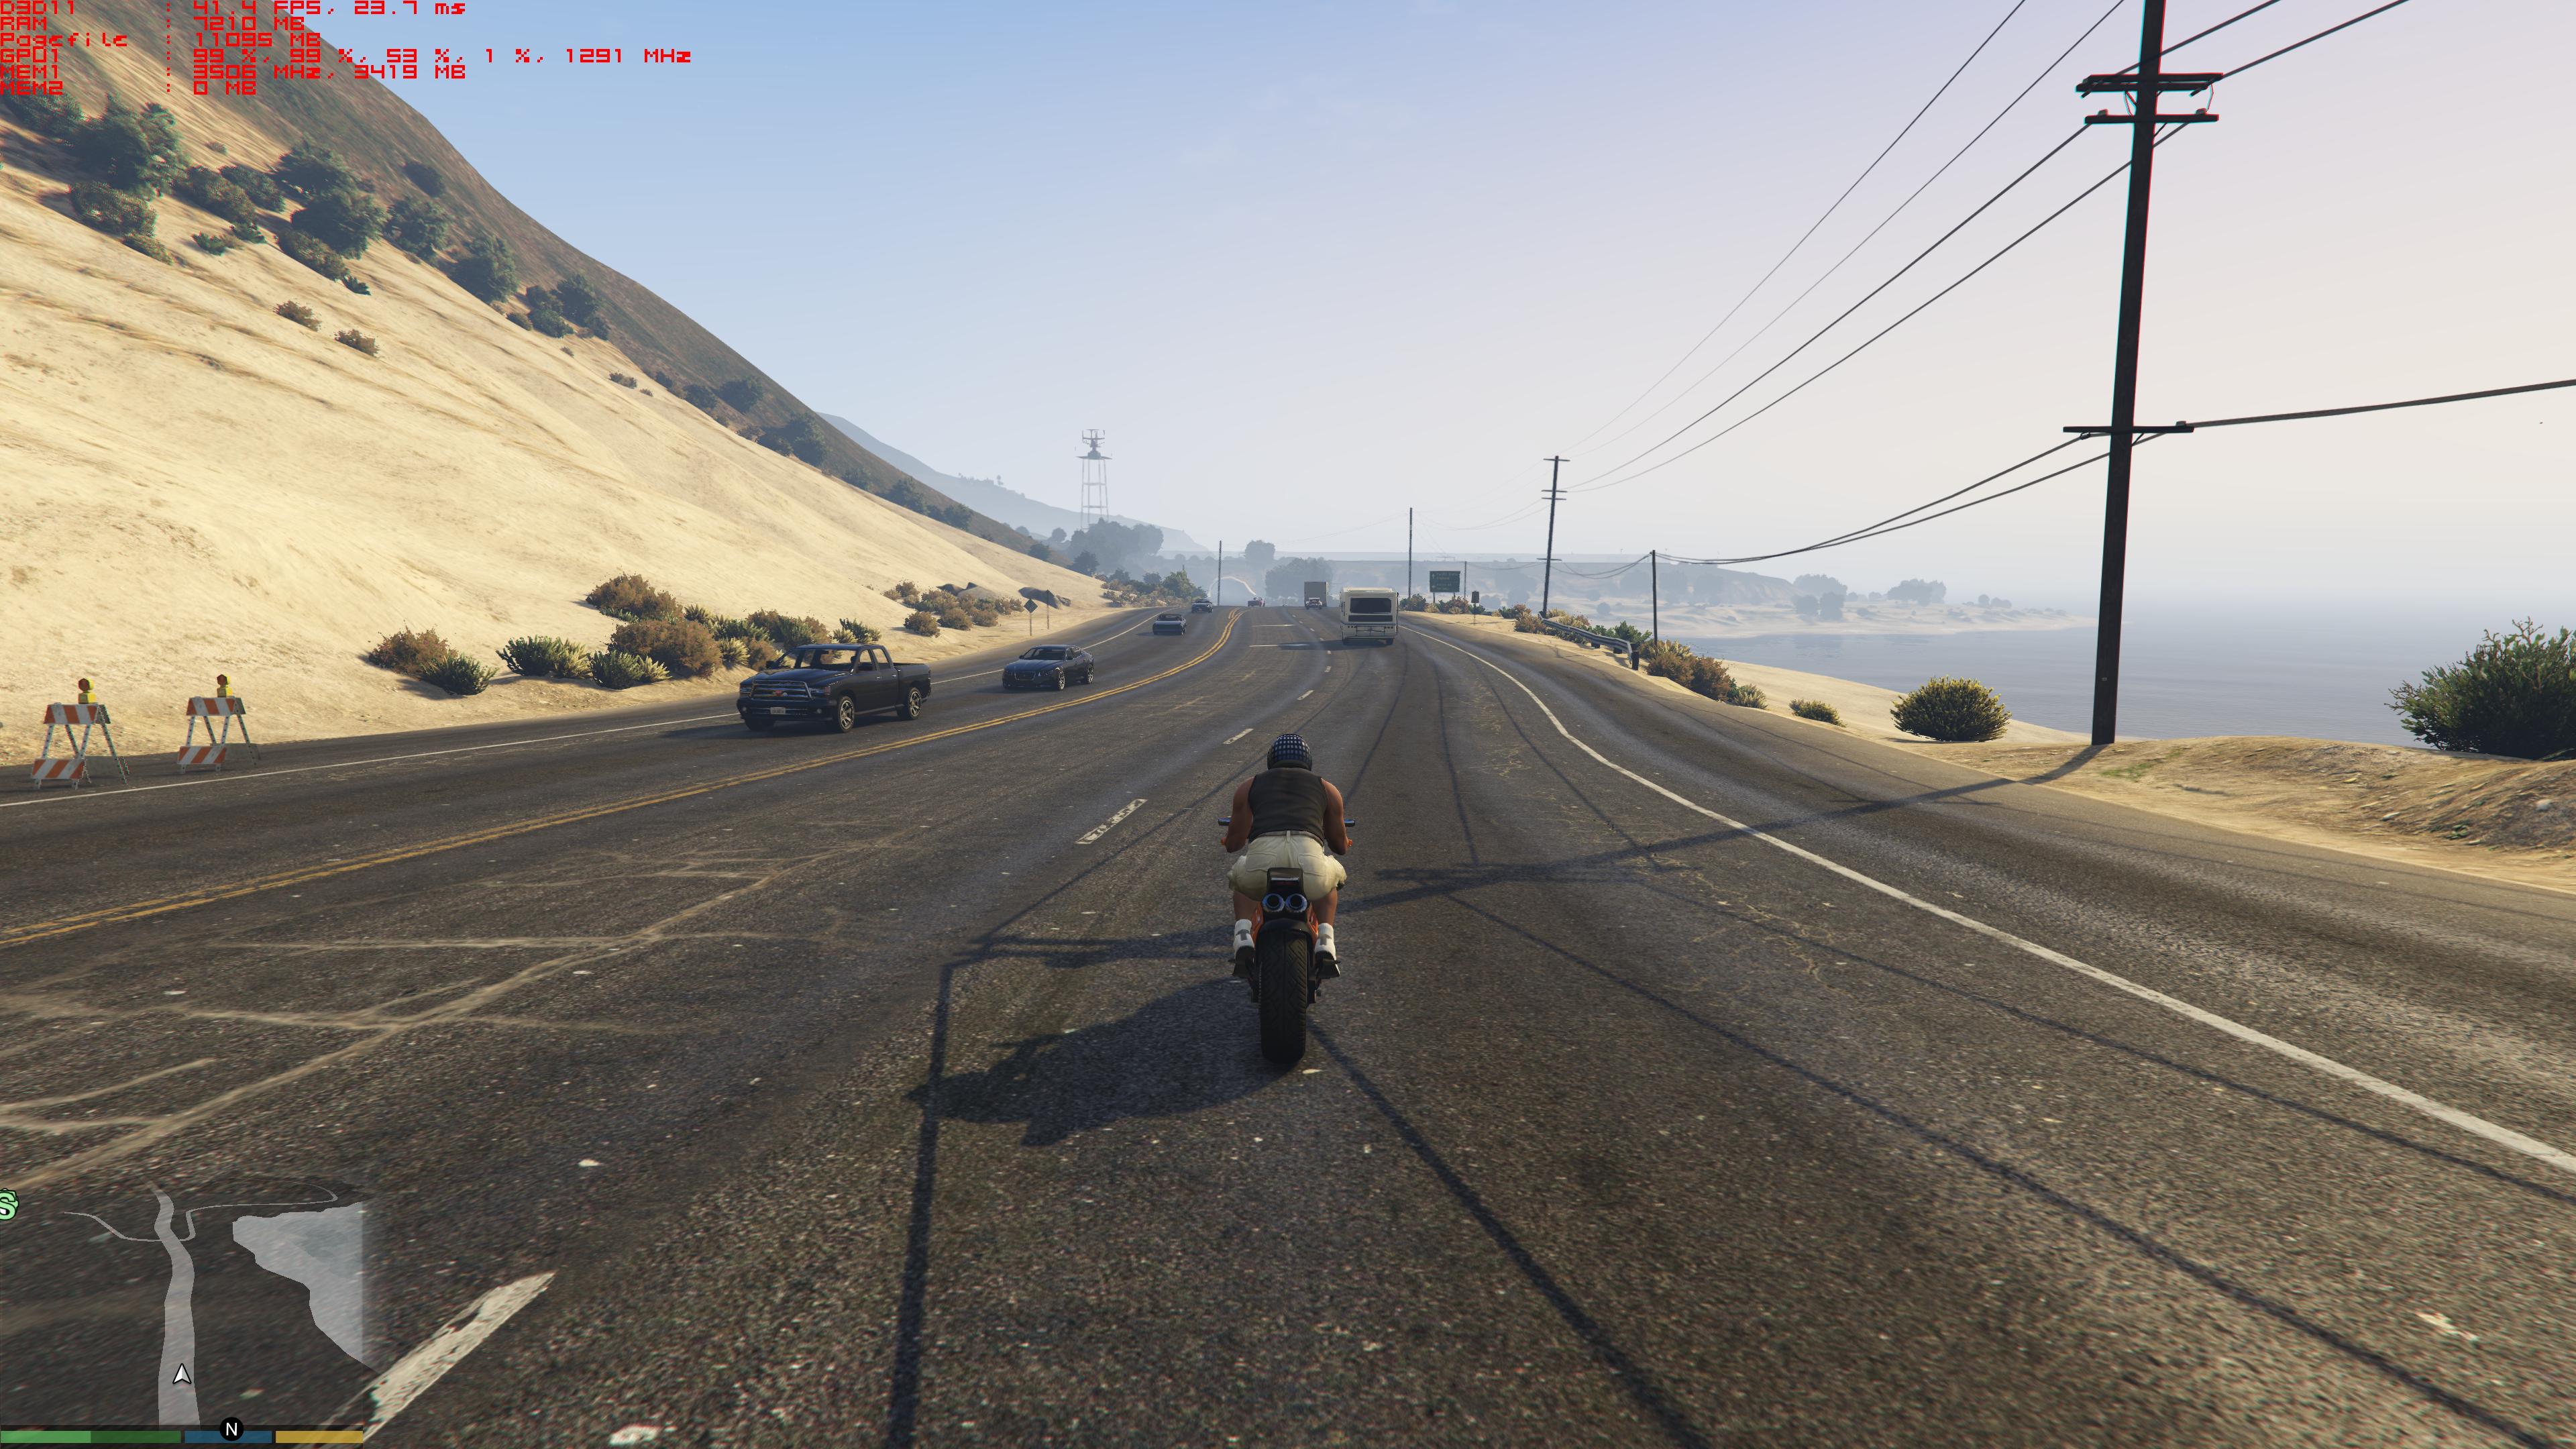 Gta 5 Grand Theft Auto V Gta 5 Archiv Seite 20 3dcenter Forum